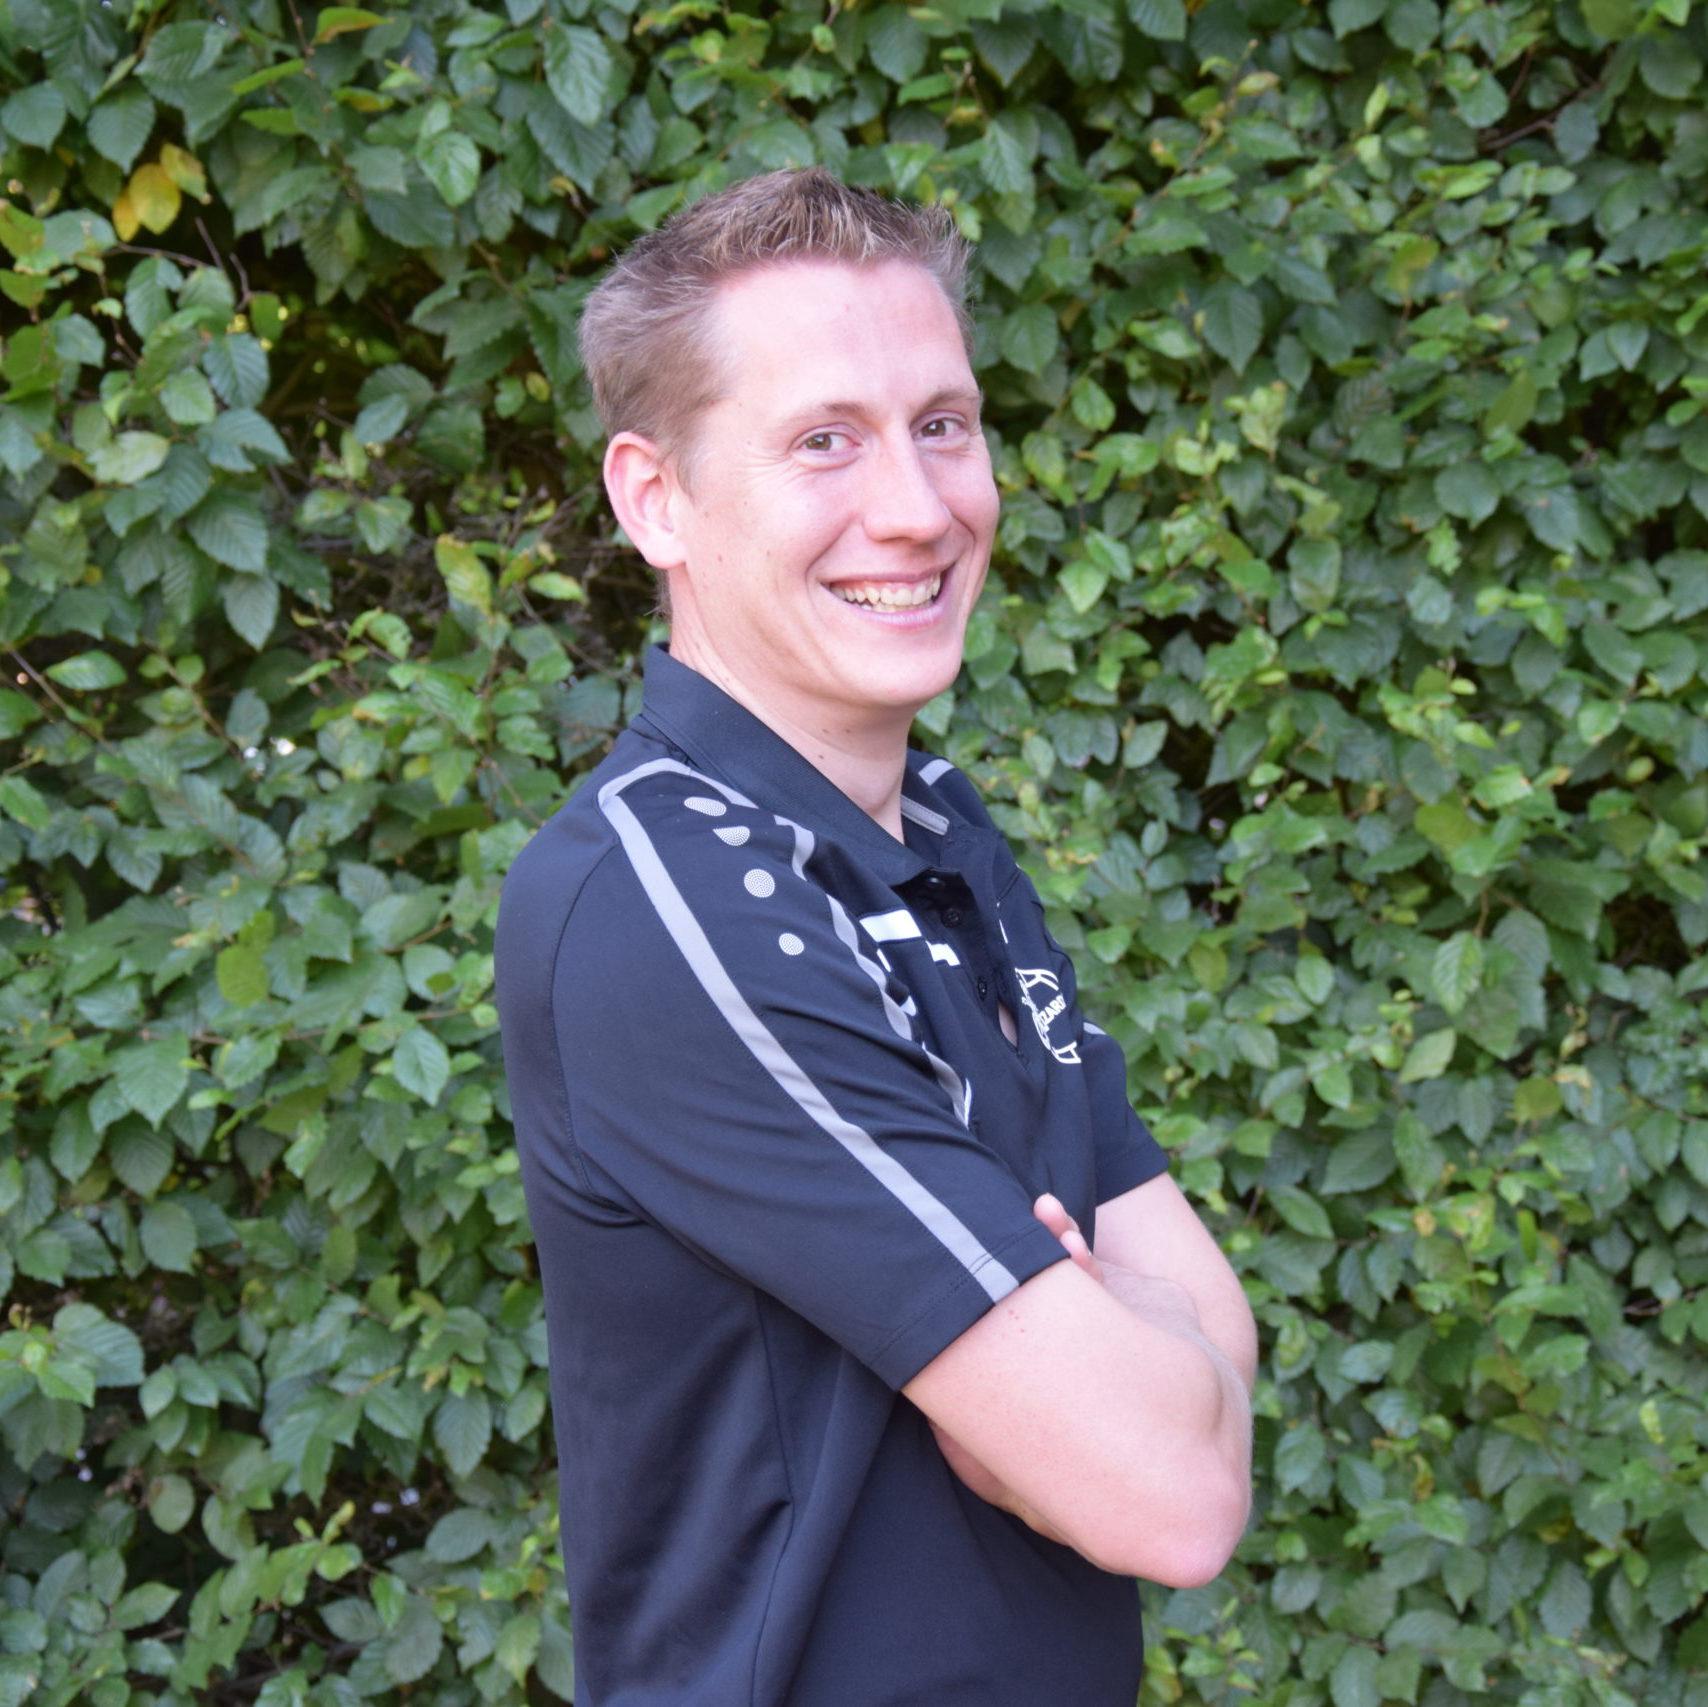 Johan Neven